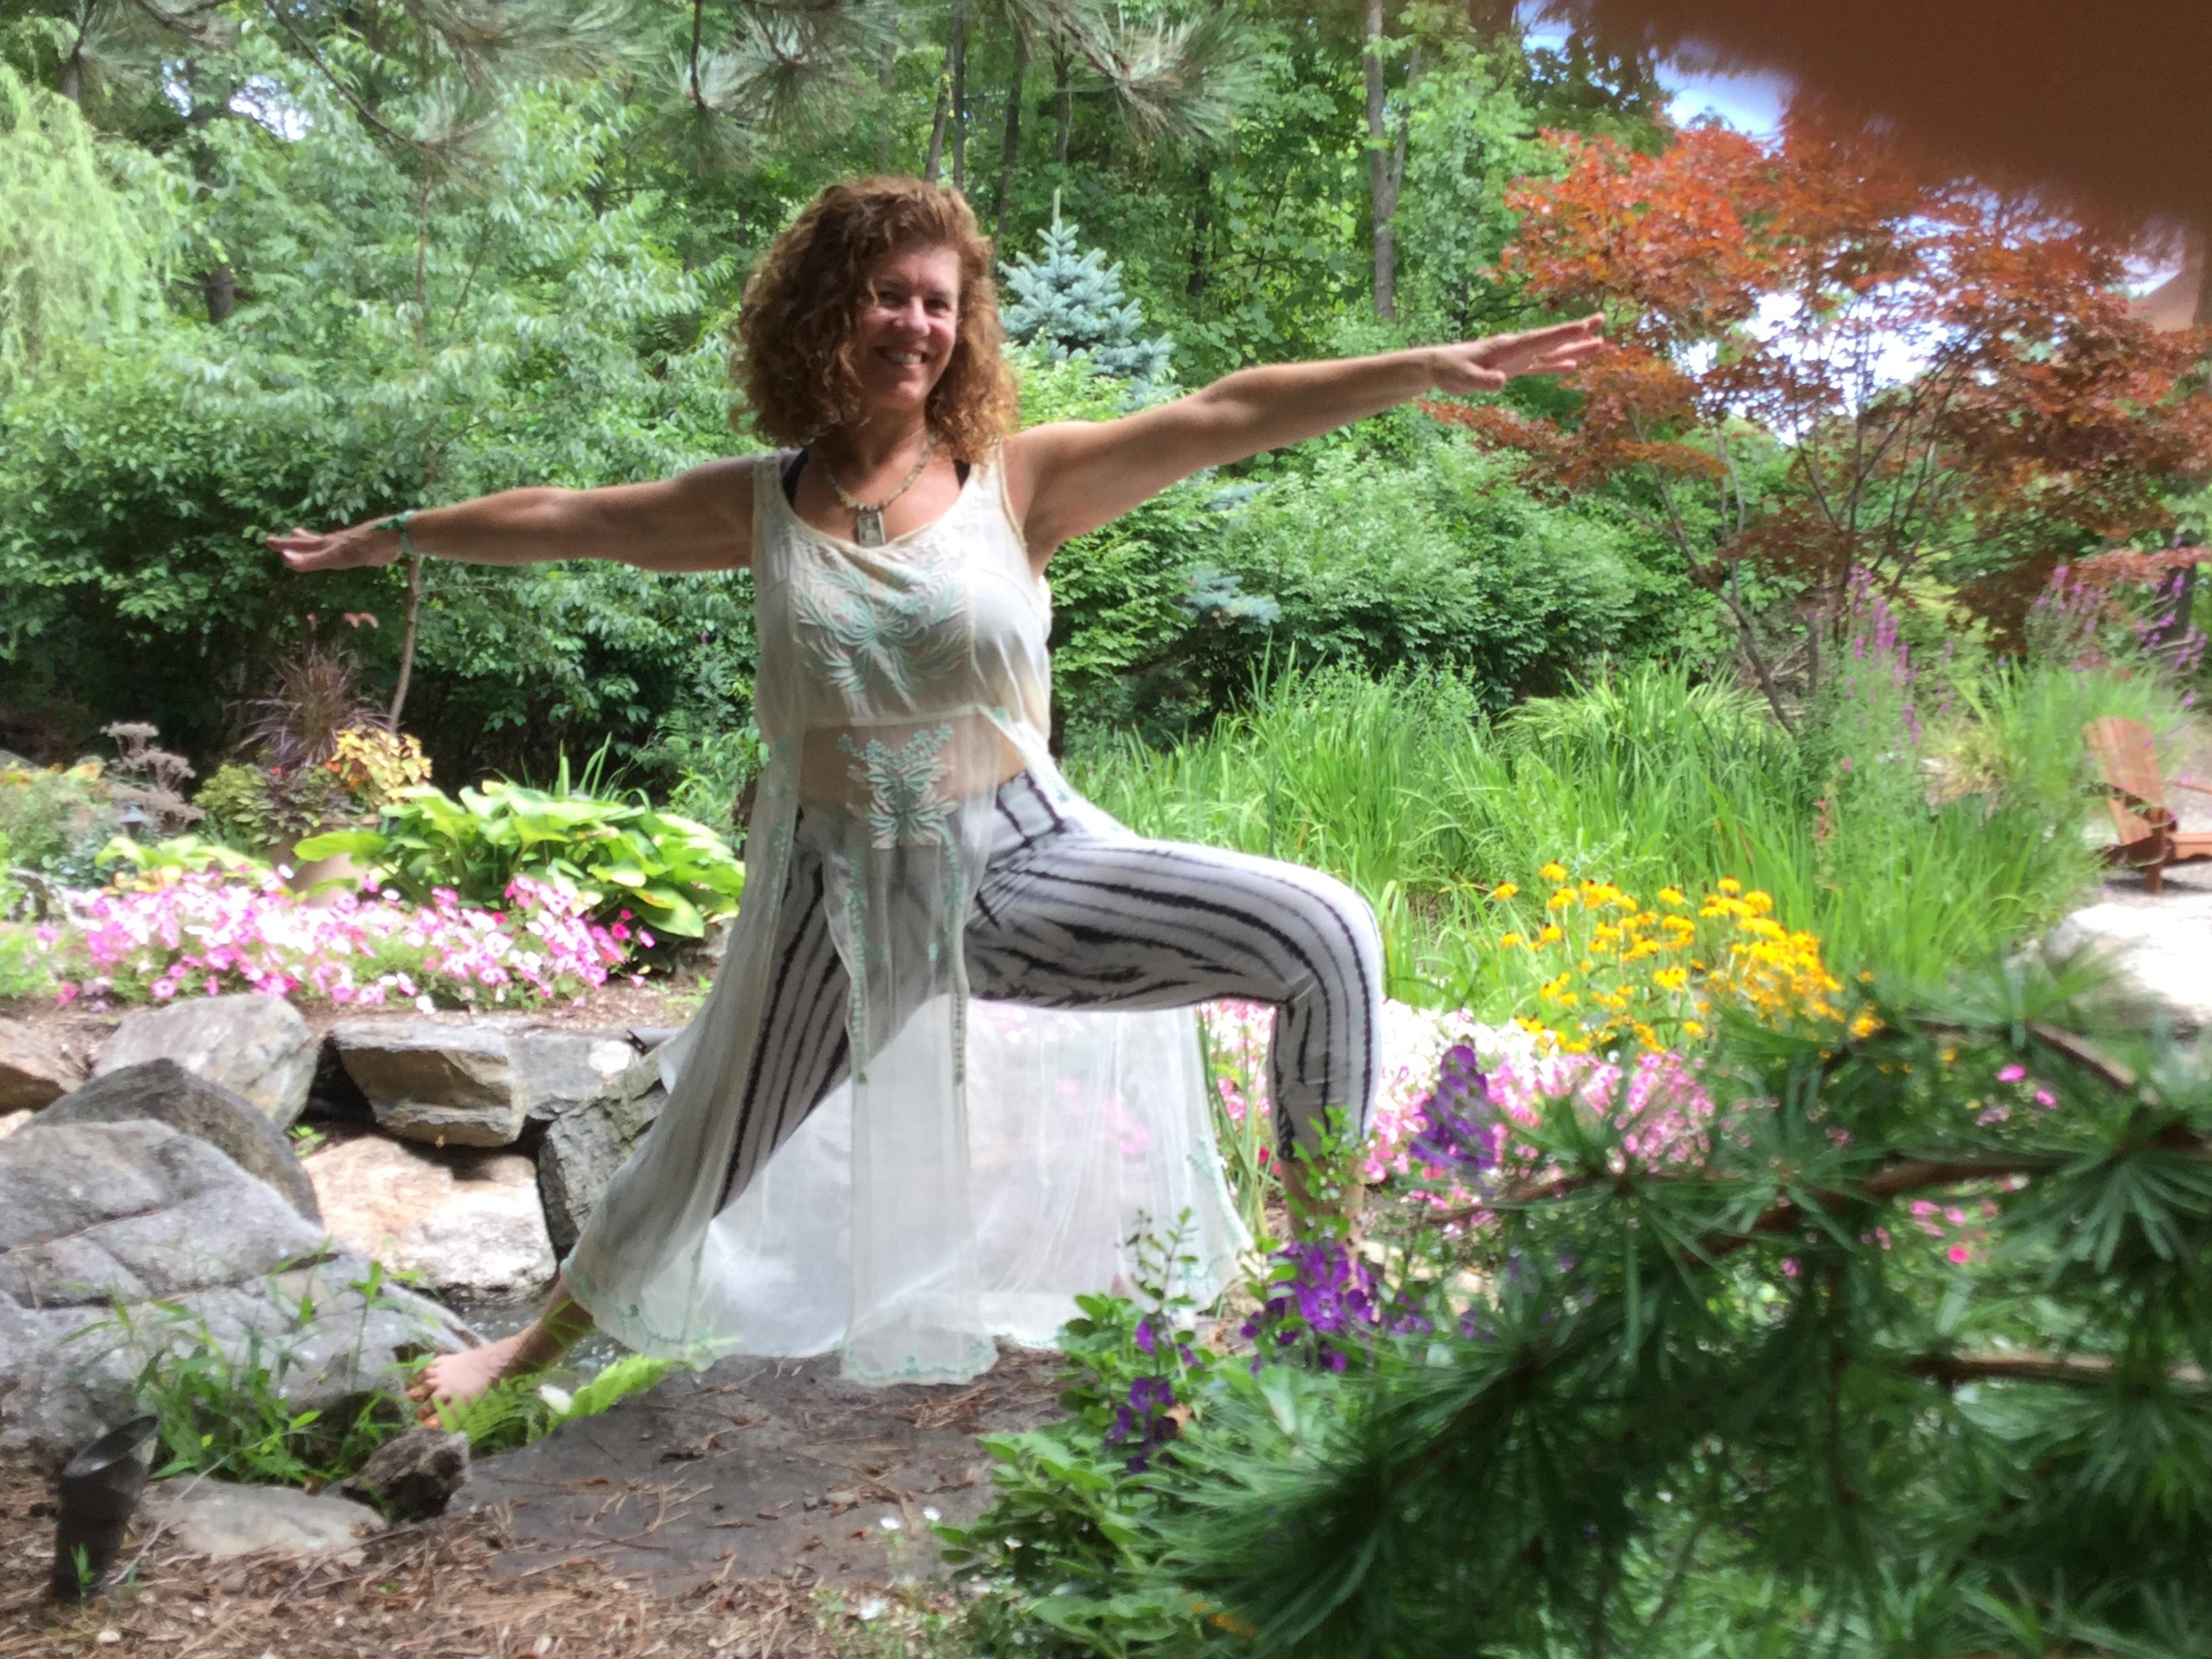 Foundation Yoga with Lisbeth